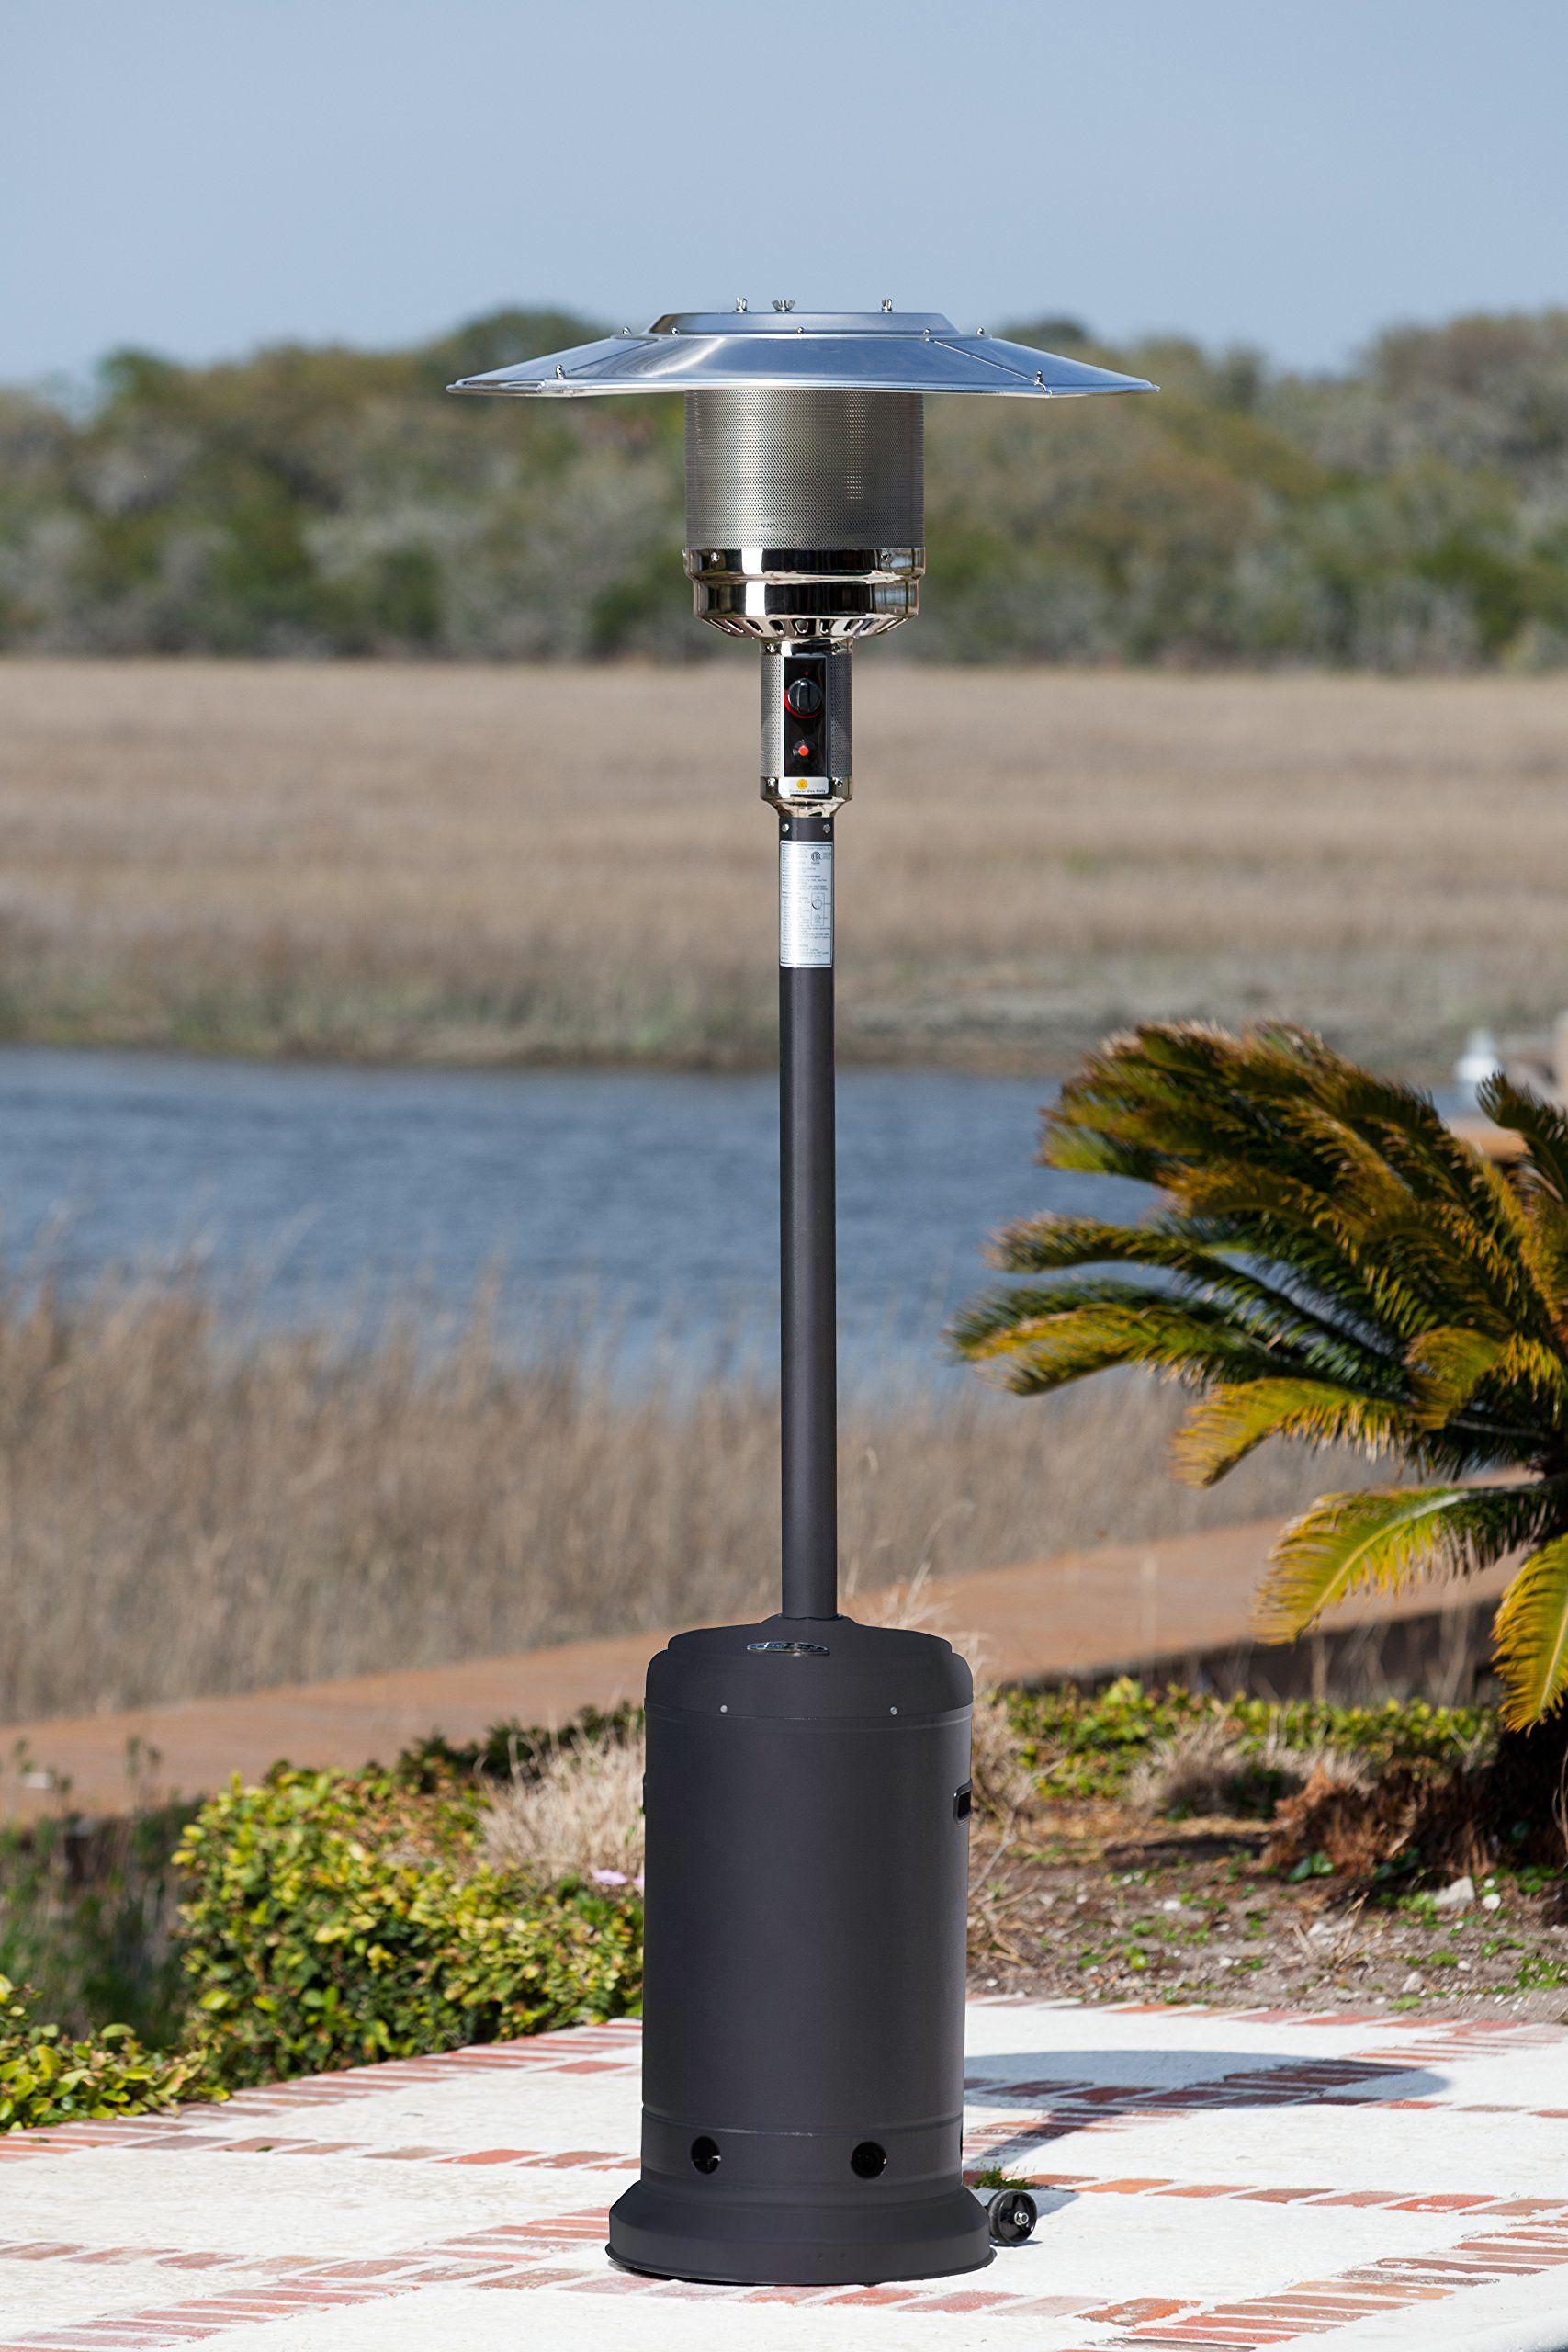 Golden Flame 46 000 Btu Xl Series Matte Black Commercial Grade Propane Patio Heater W Wheels 19 Fire Sense Patio Heater Propane Patio Heater Patio Heater